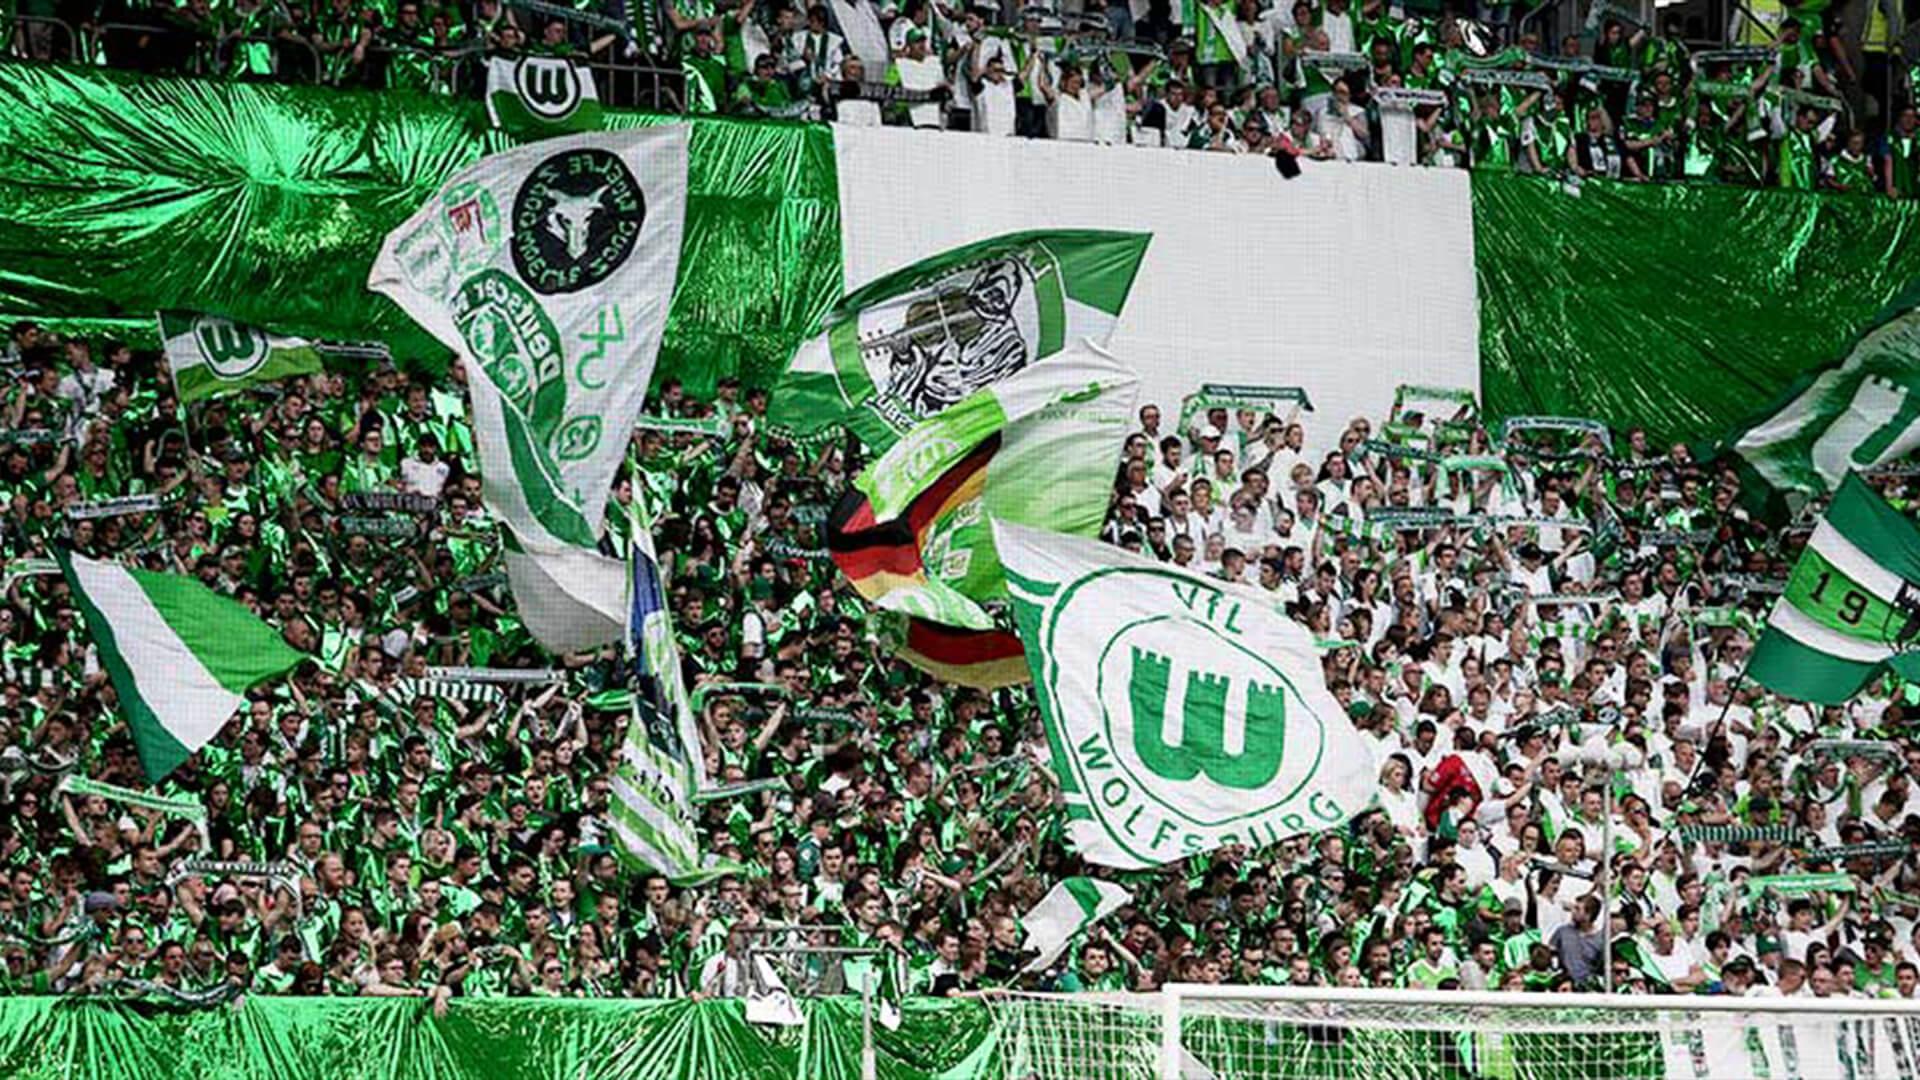 vfl-wolfsburg-fans-im-stadion-1920x1080.jpg (409.41 Kb)